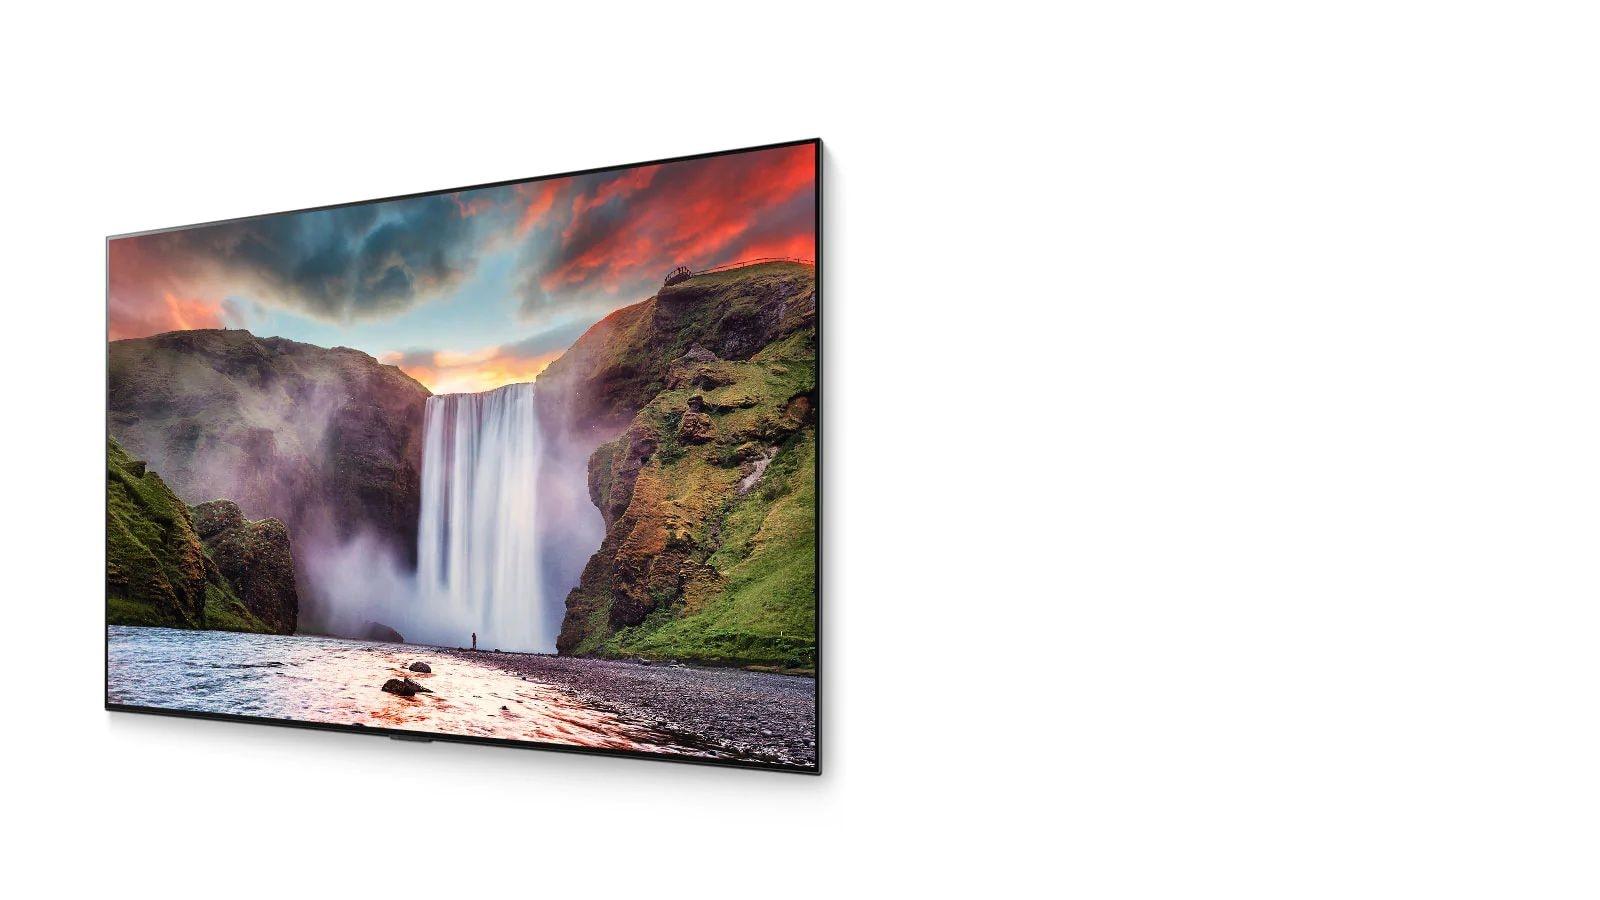 Spektakularna sceneria z wodospadem na ekranie telewizora OLED (odtwórz film)